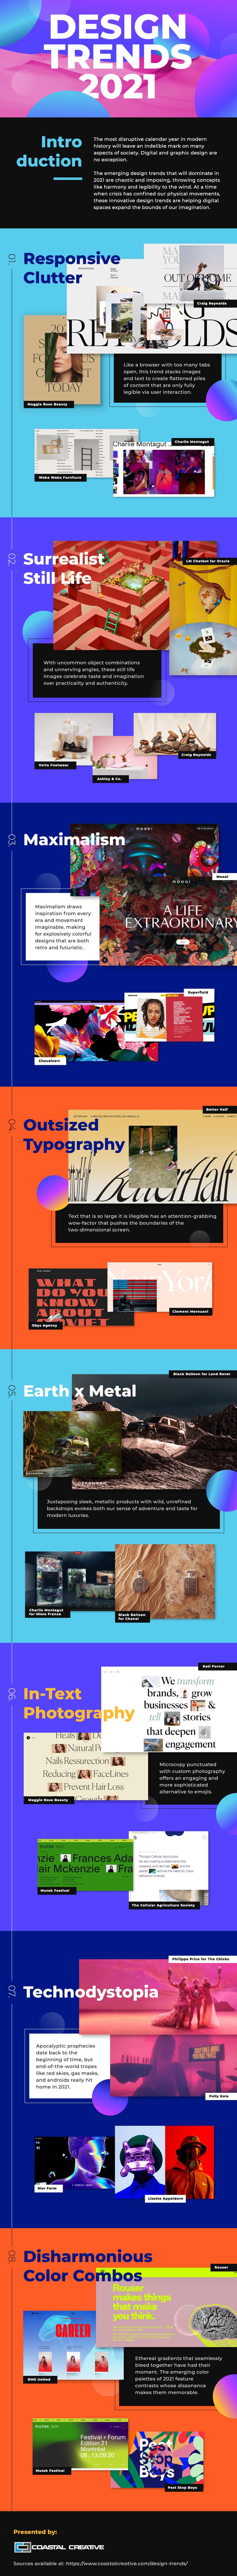 2021'de en iyi dijital ve grafik tasarım trendleri